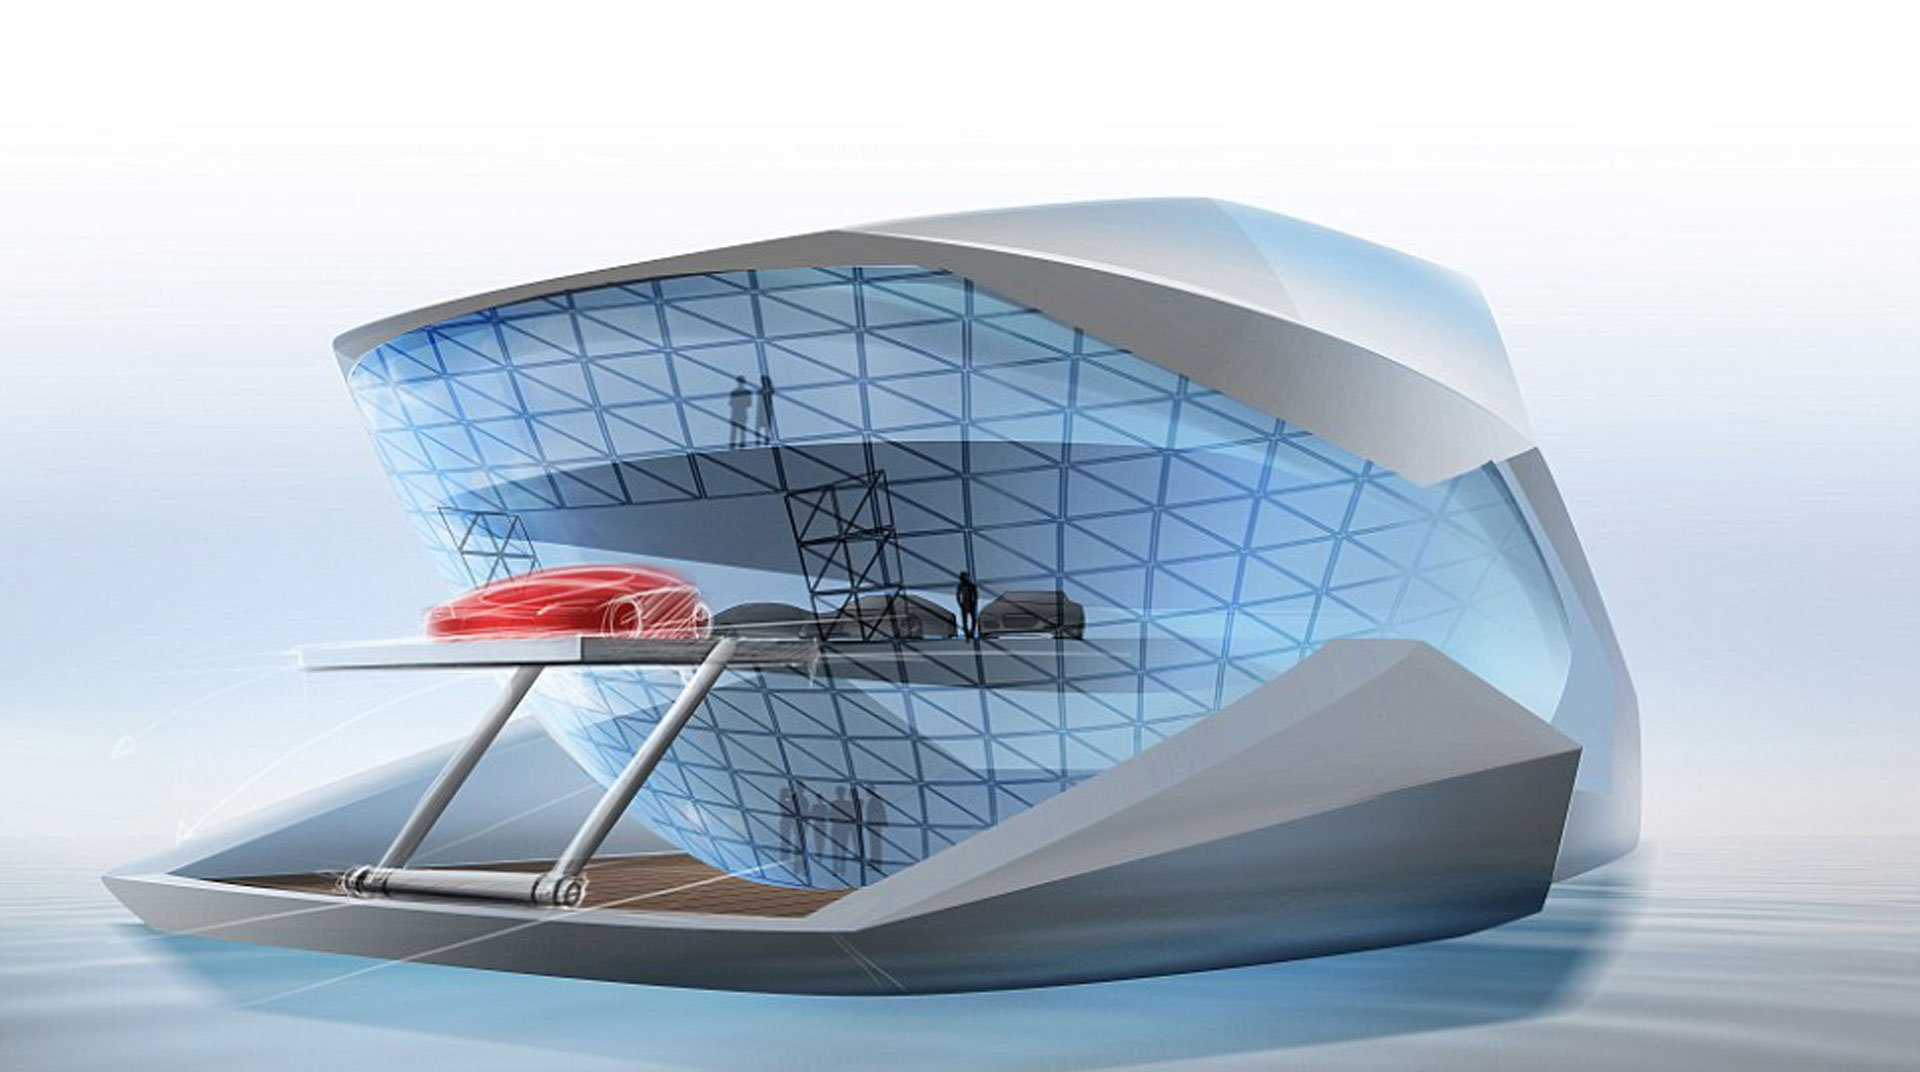 El innovador crucero tiene espacio para ocho automóviles